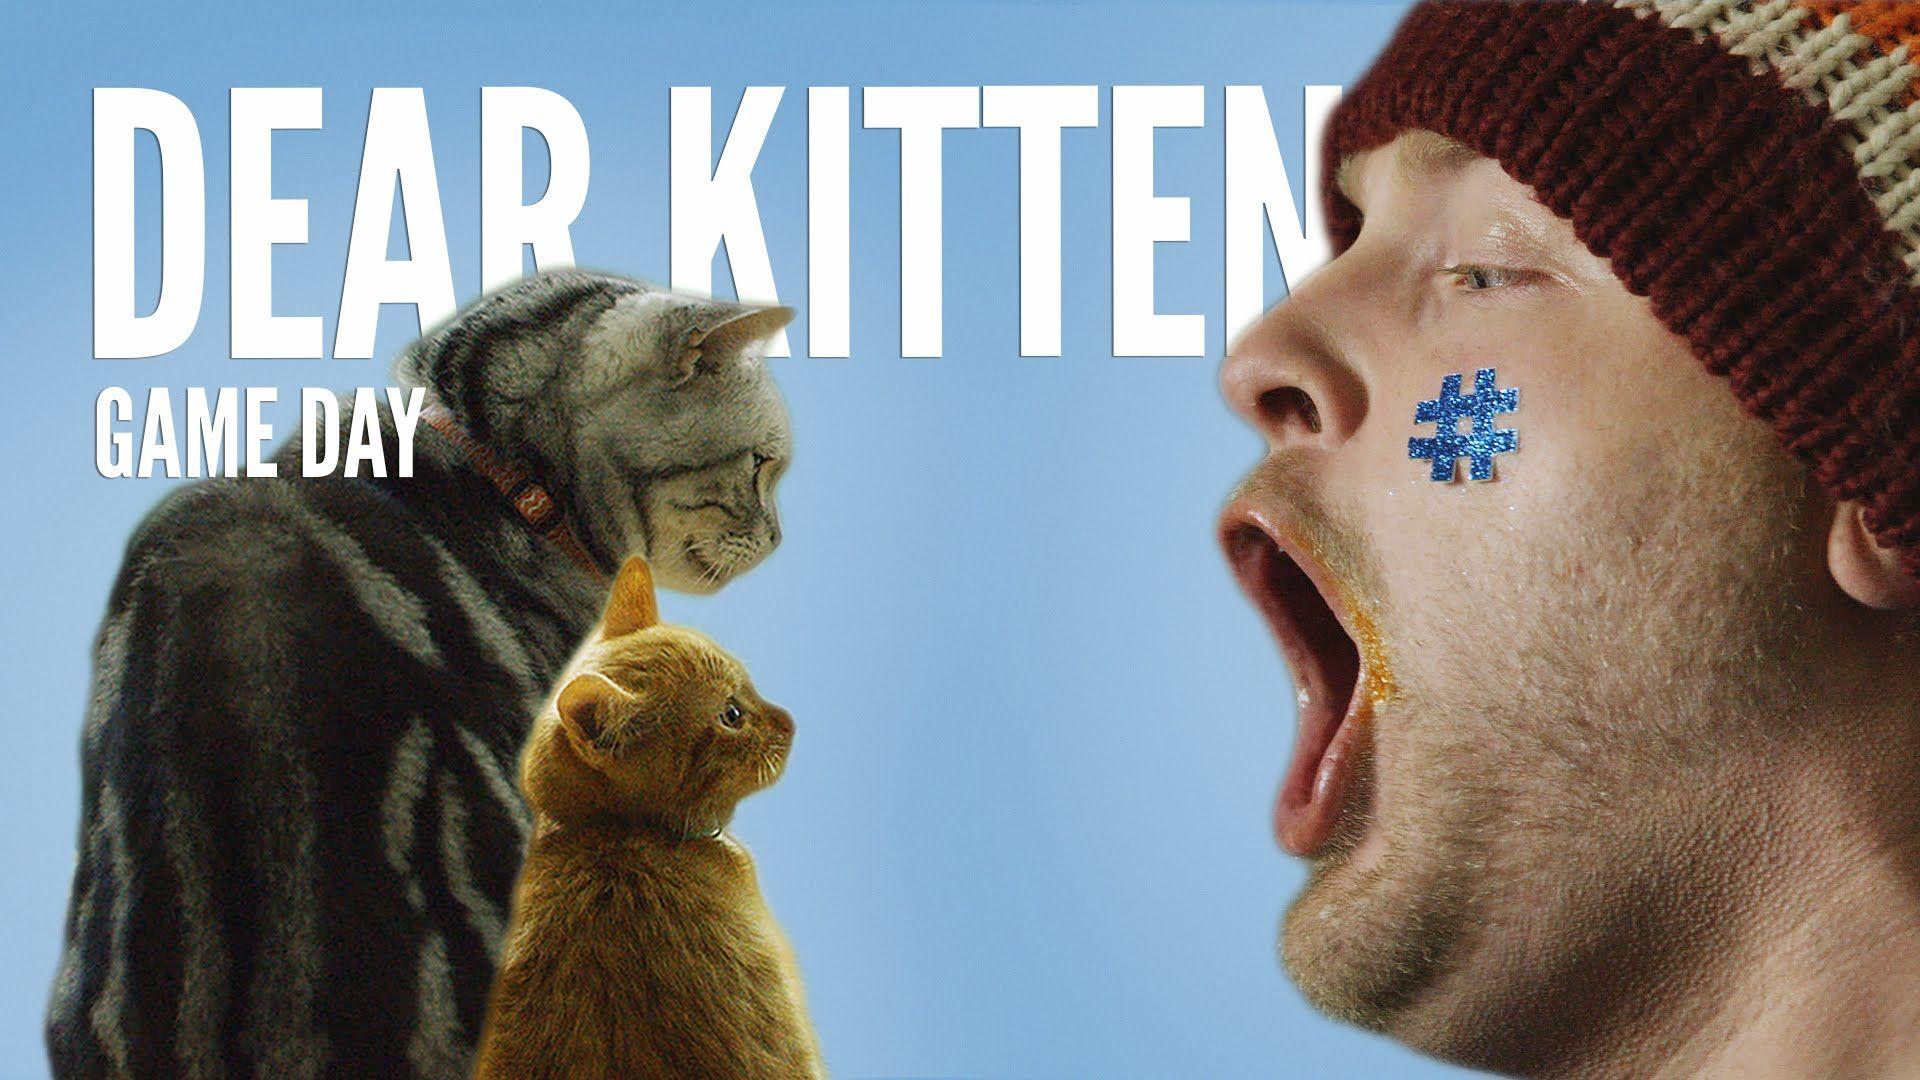 Dear Kitten Regarding The Big Game Teaser Purina Friskies Kitten Gif Purina Friskies Kitten